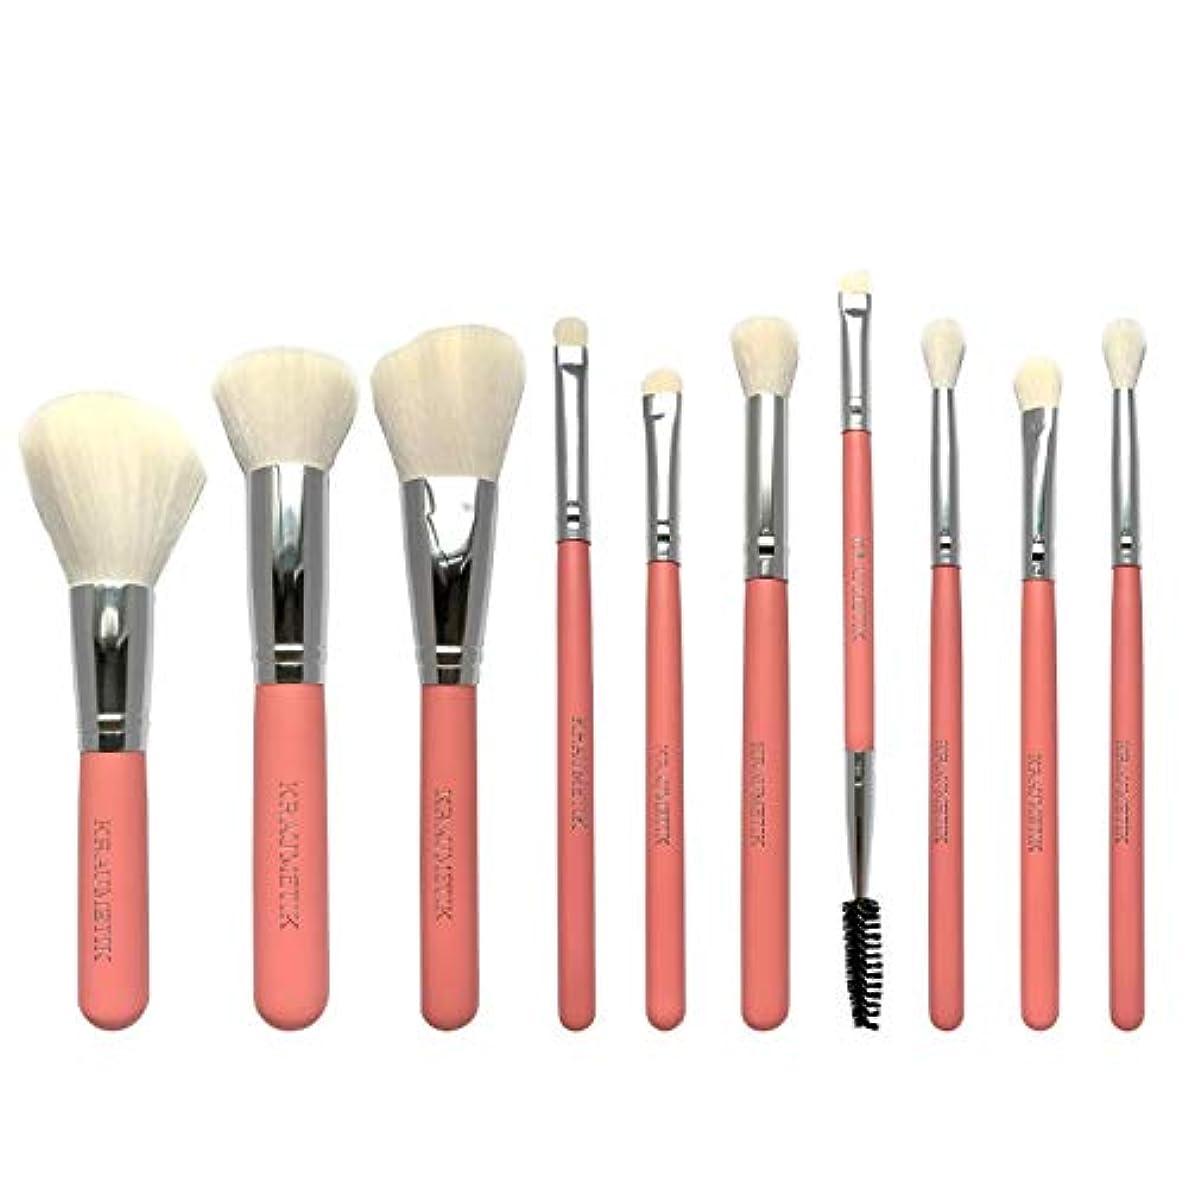 インチ高齢者コールドKRAUMETIK 11ピース化粧ブラシセット、赤面コンシーラーアイアドバンスト合成ブラシ化粧品化粧セット …